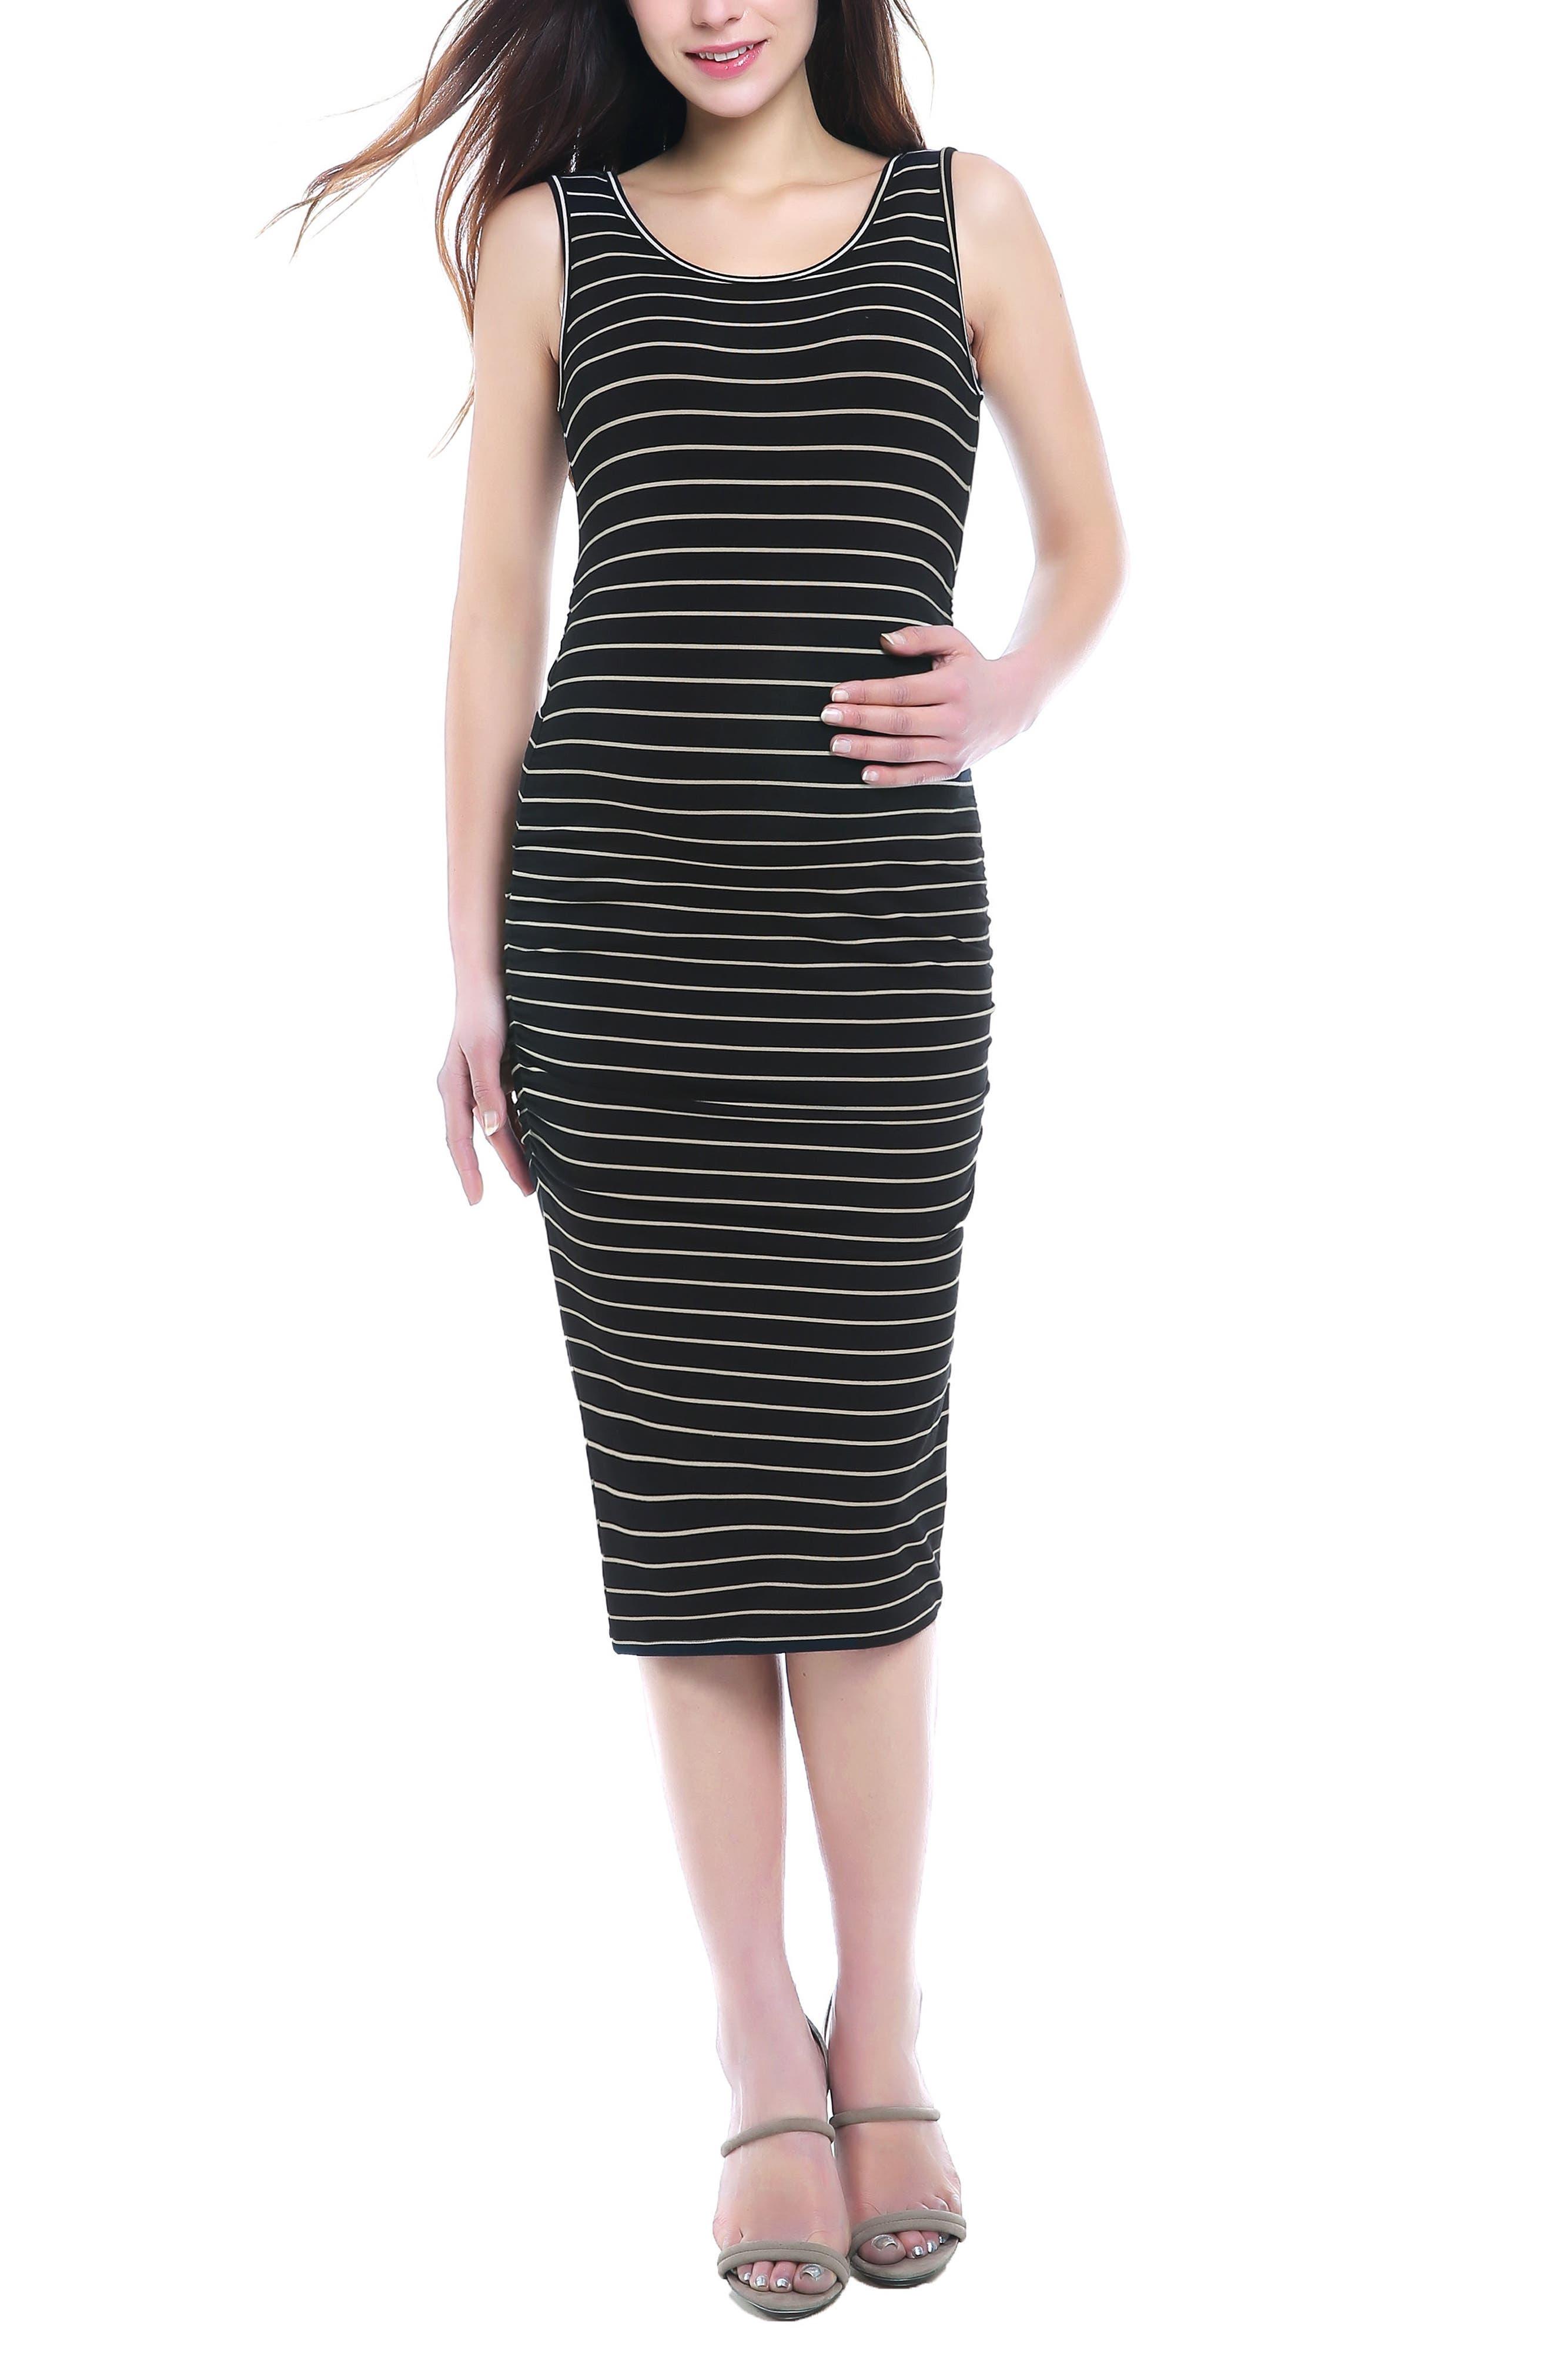 KIMI AND KAI, Tobi Stripe Maternity Dress, Main thumbnail 1, color, BLACK/ BEIGE